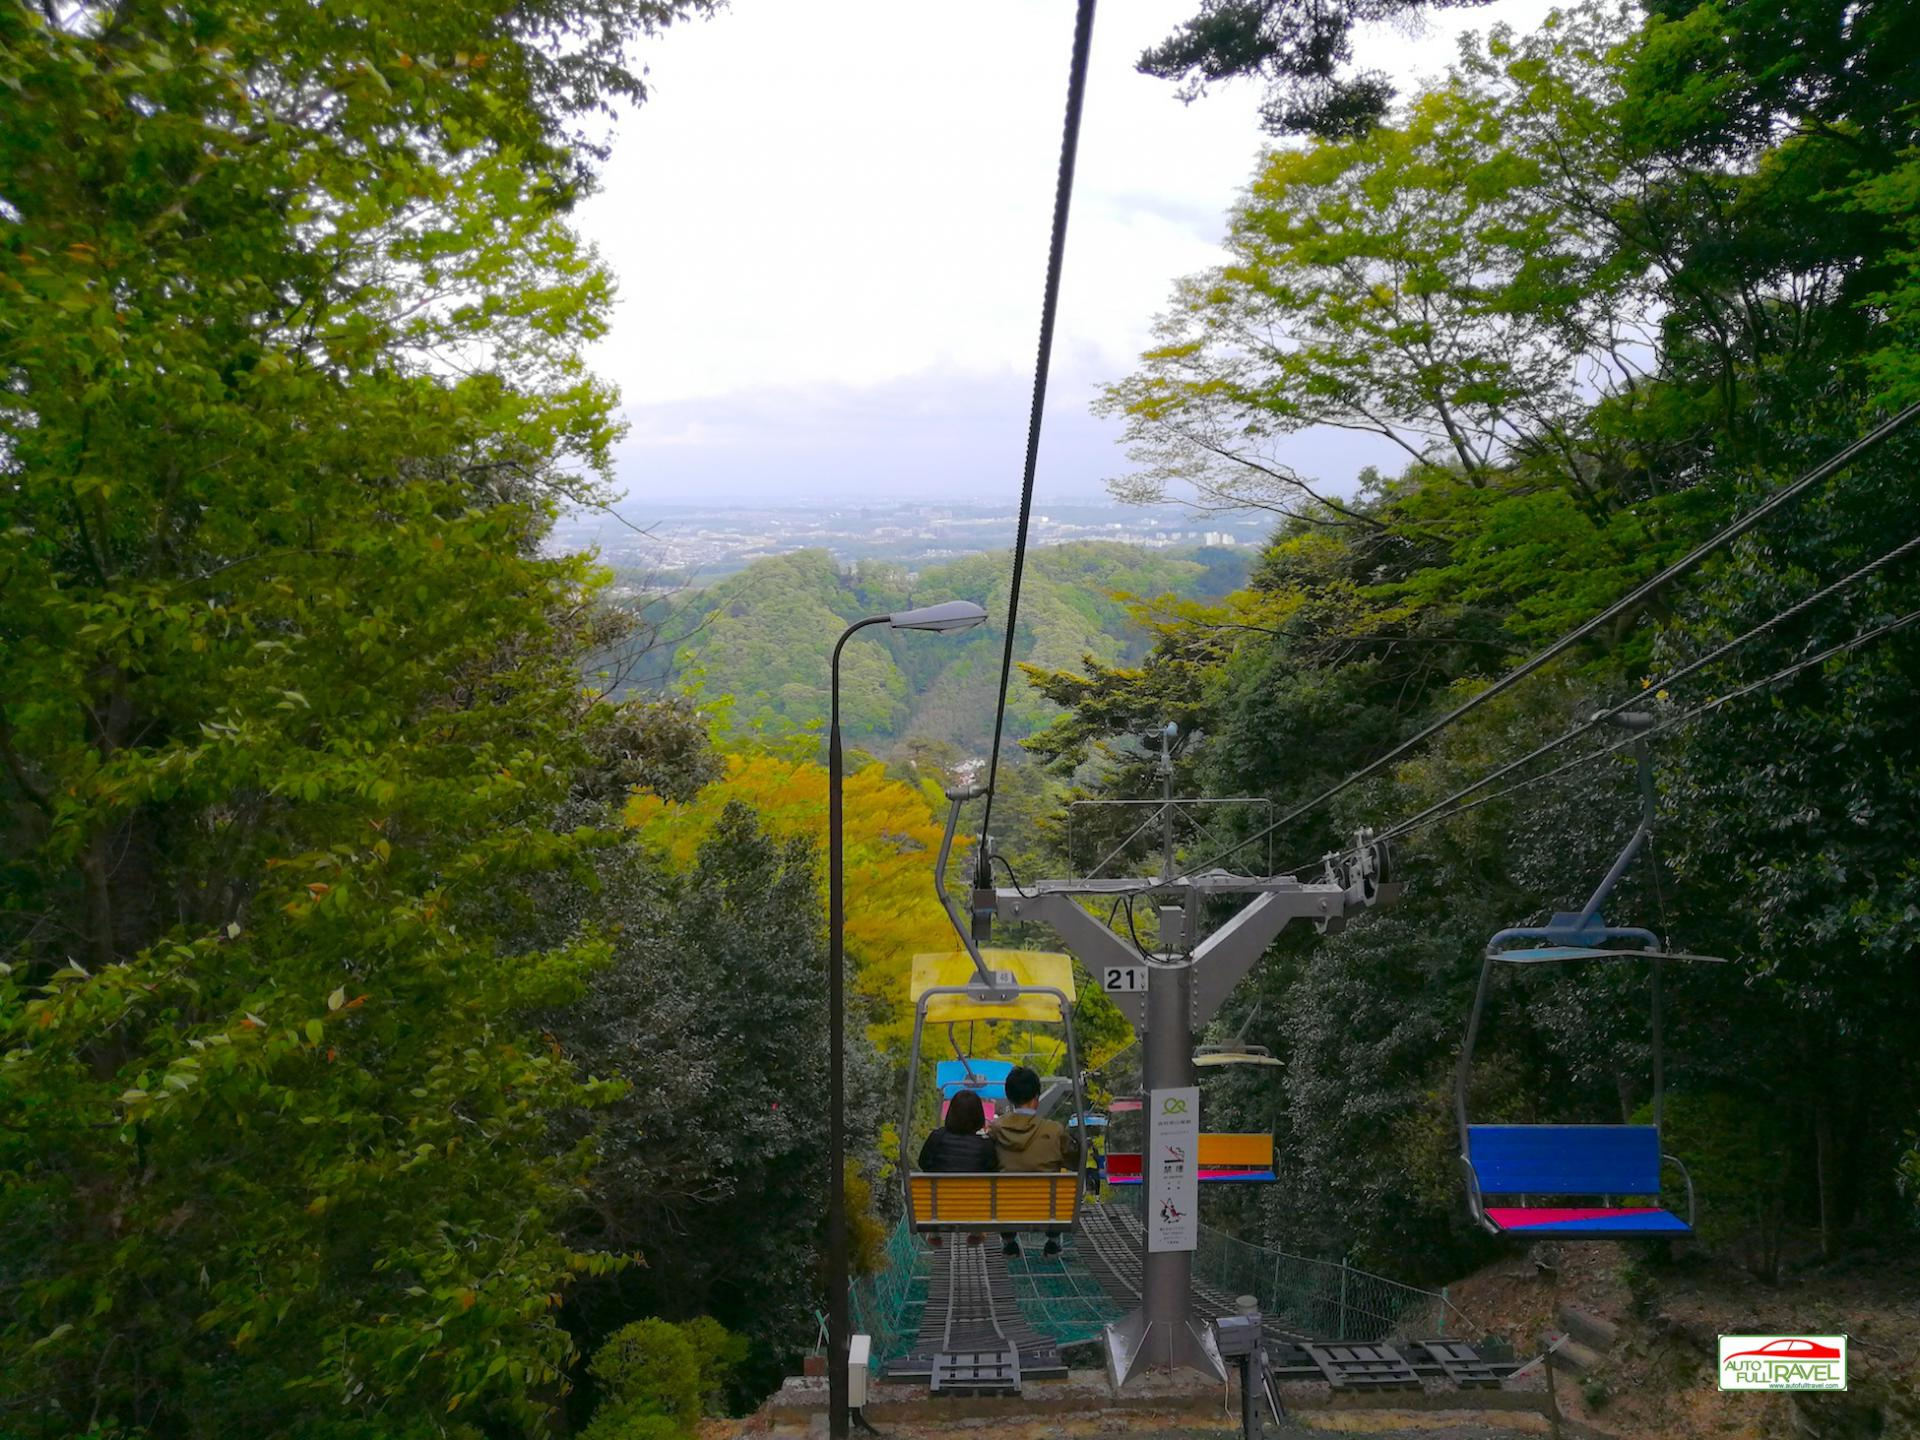 ที่ๆคนญี่ปุ่นชอบเที่ยว ไม่ไกลจากโตเกียว นั่งกระเช้าห้อยขา ทาคาโอะ